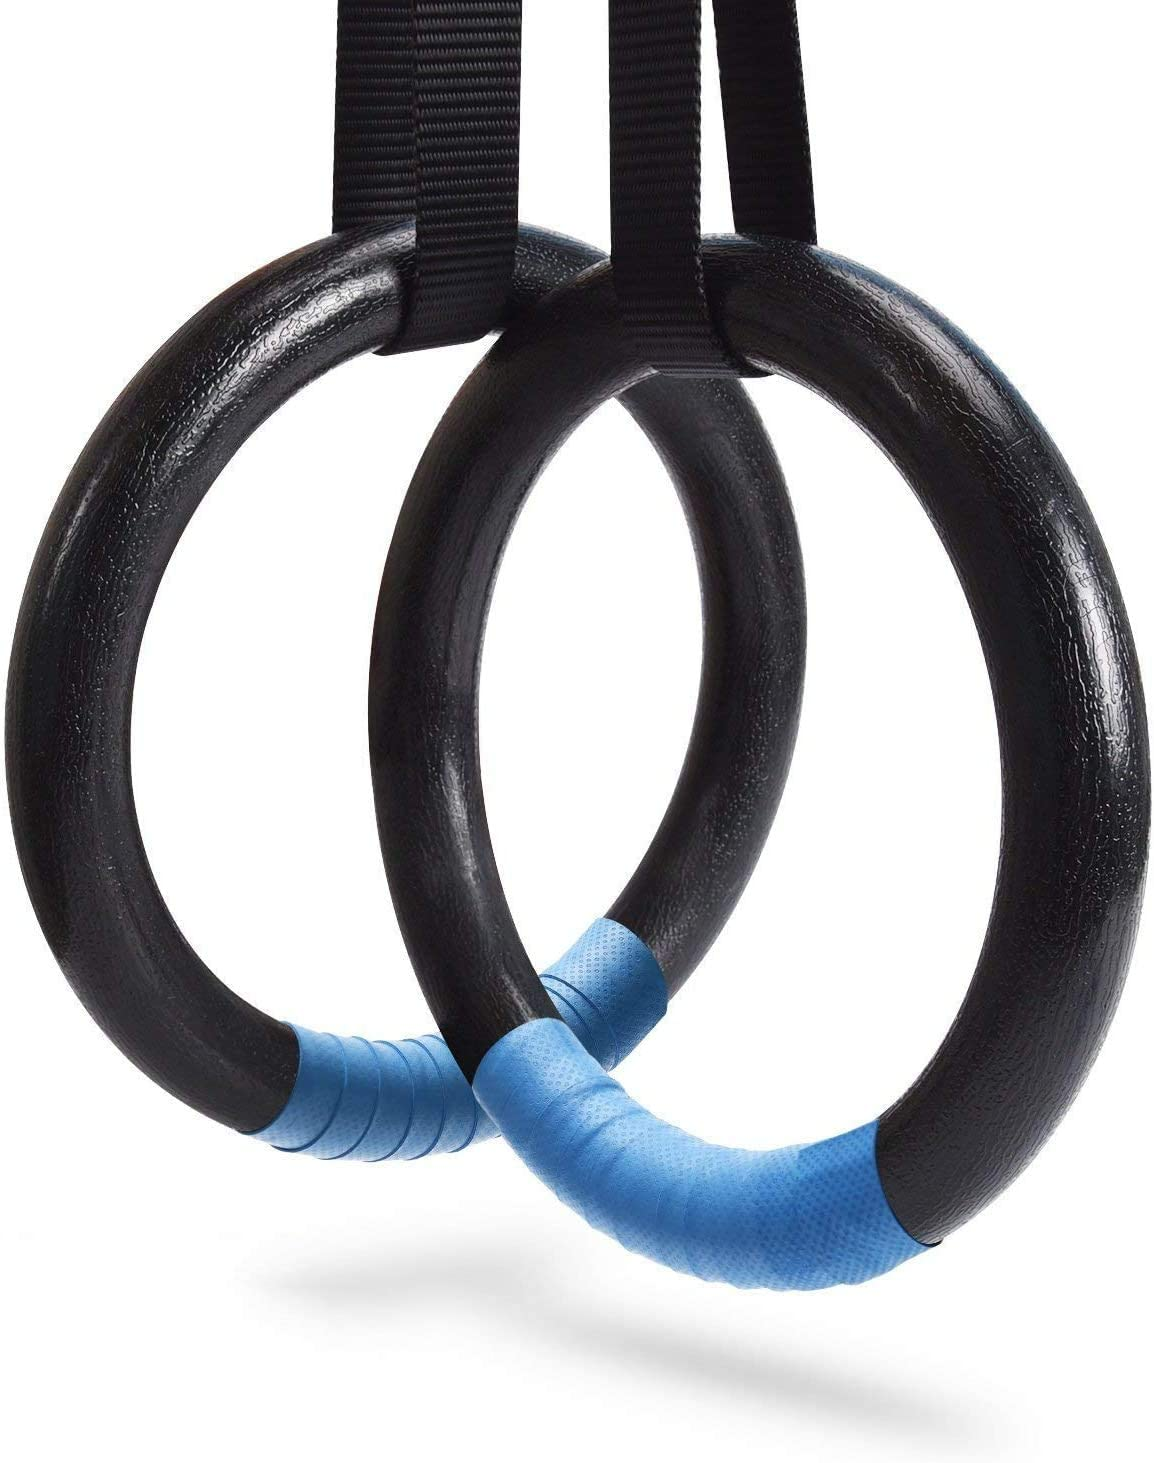 PACEARTH Anillos de gimnasia de 499 kg de capacidad con correas de hebilla ajustables de 4,5 m, anillos antideslizantes para gimnasio en casa, ...